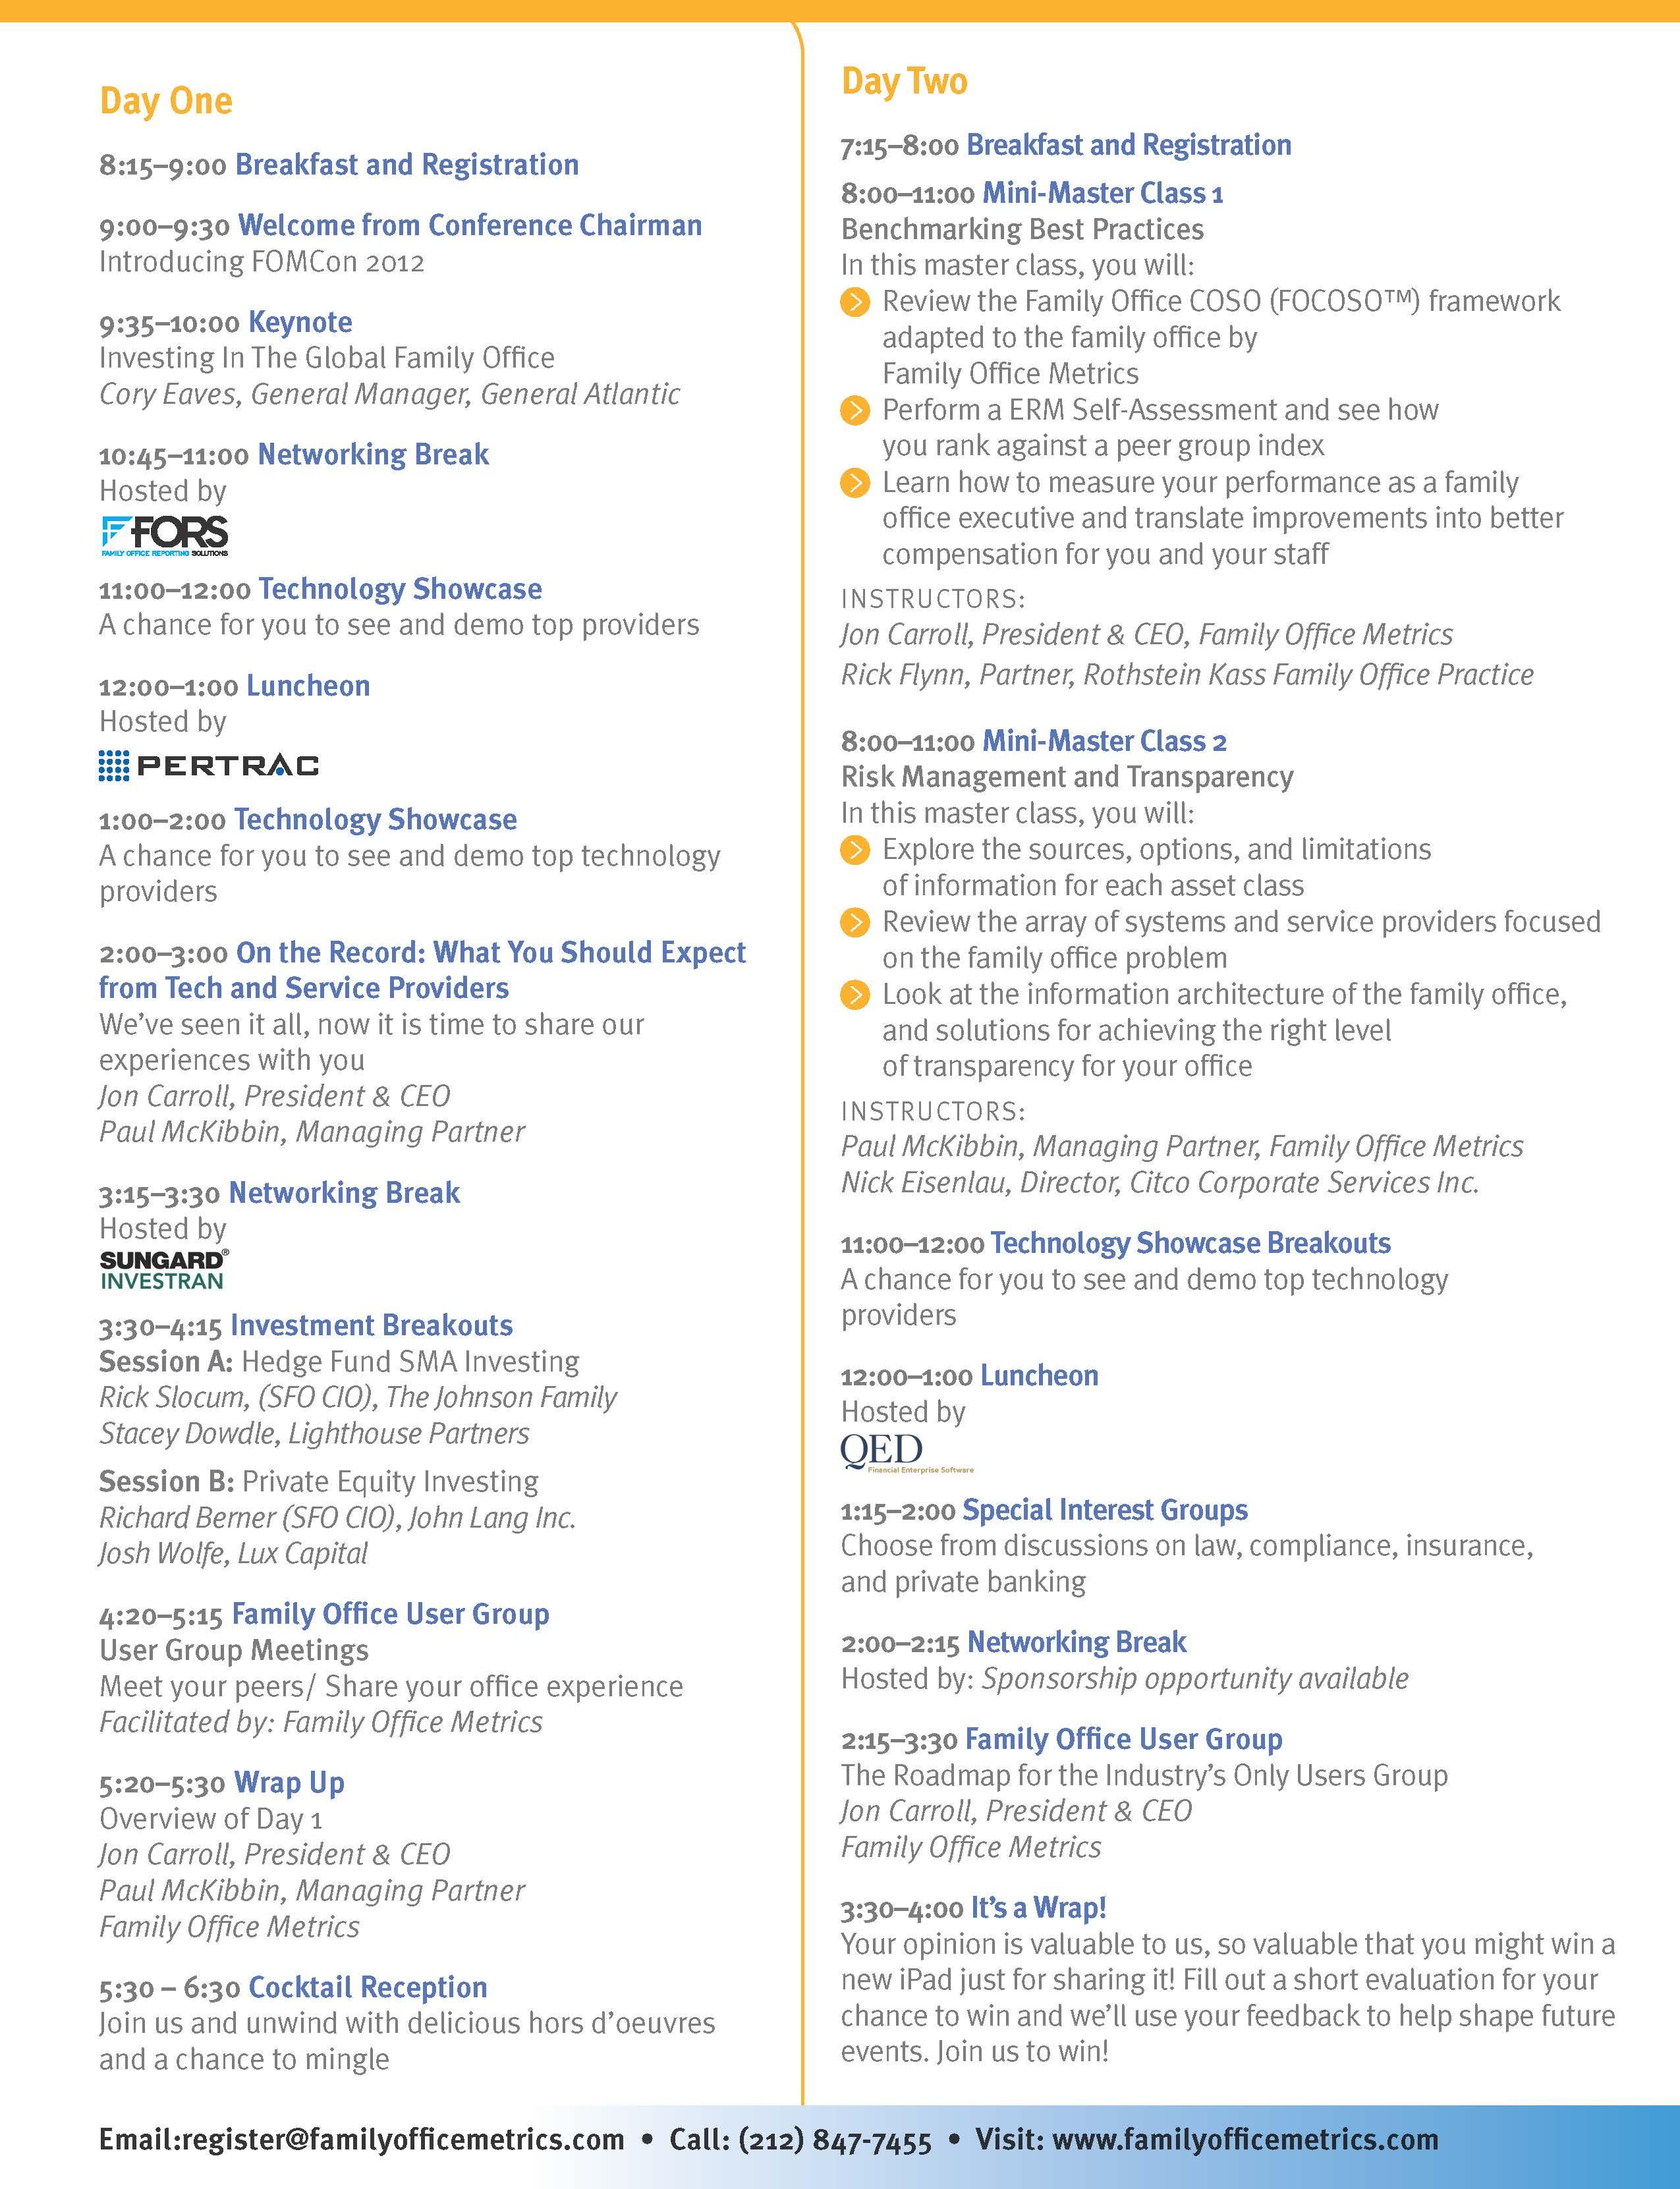 FOMCon Brochure 2